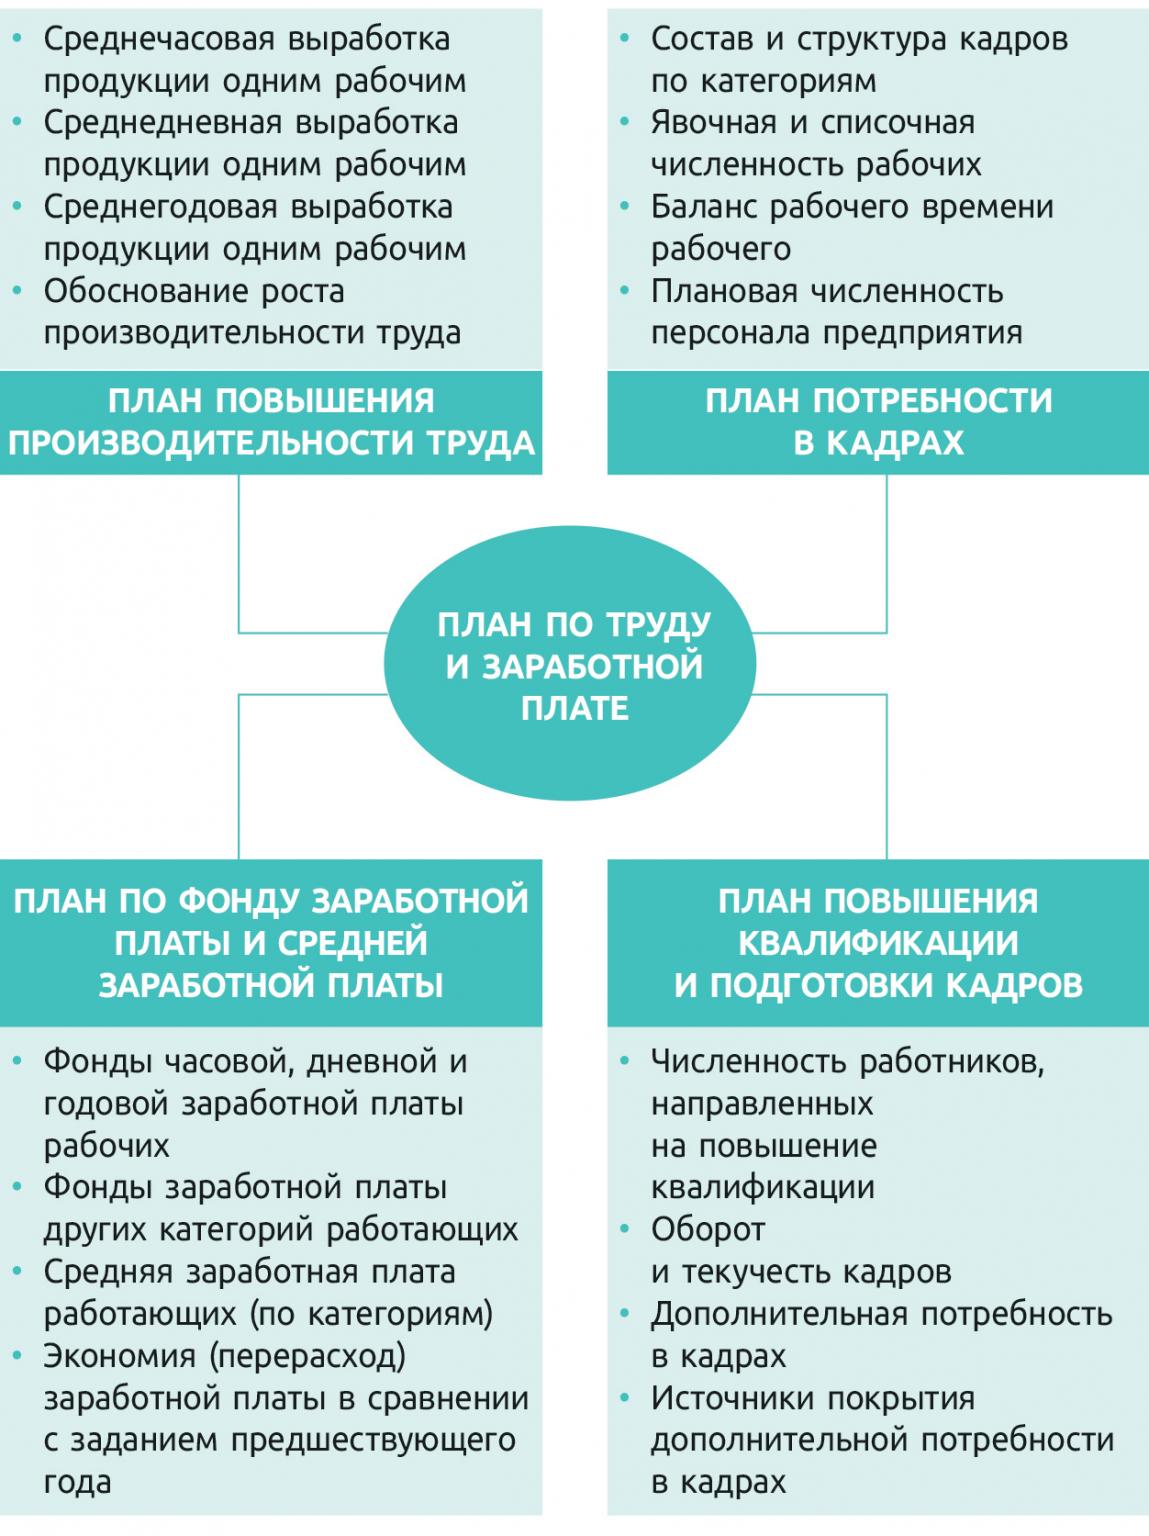 Рис. 1. Структура плана предприятия по труду и заработной плате